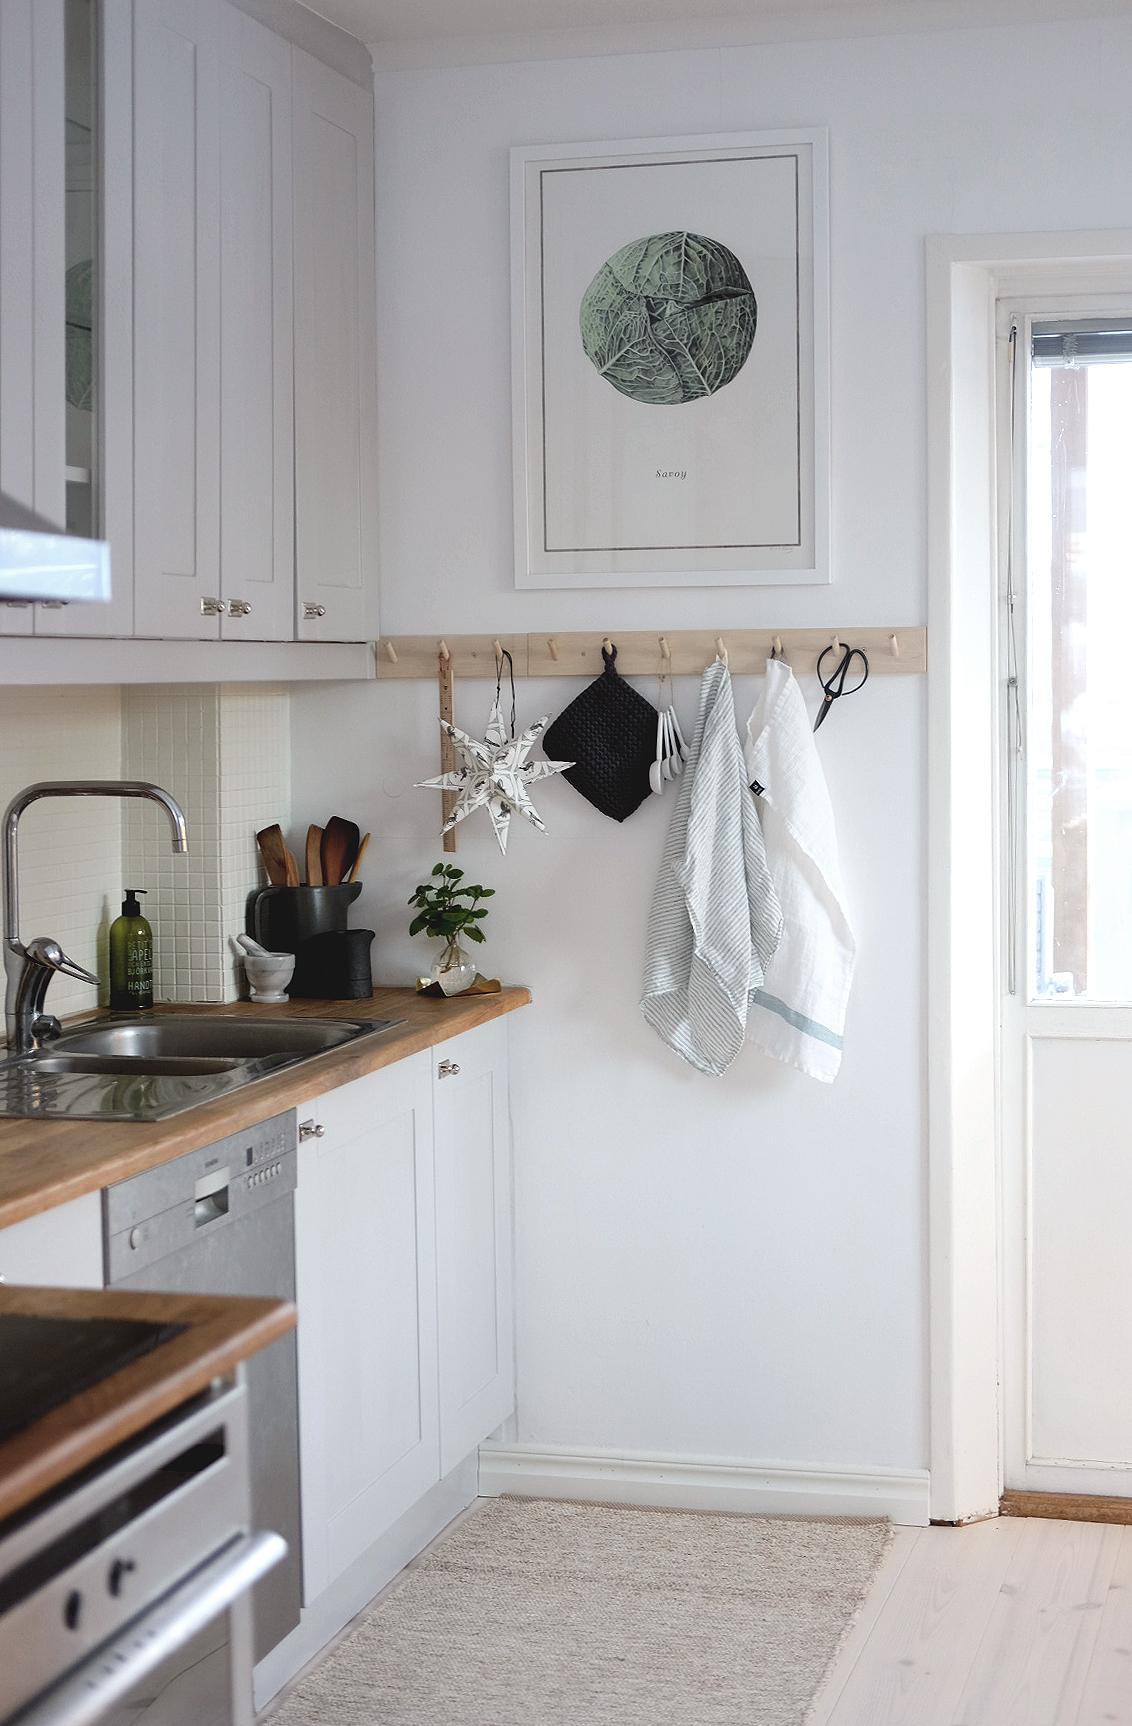 Måla köksluckorna själv, steg för steg guide till budgetrenovering ...